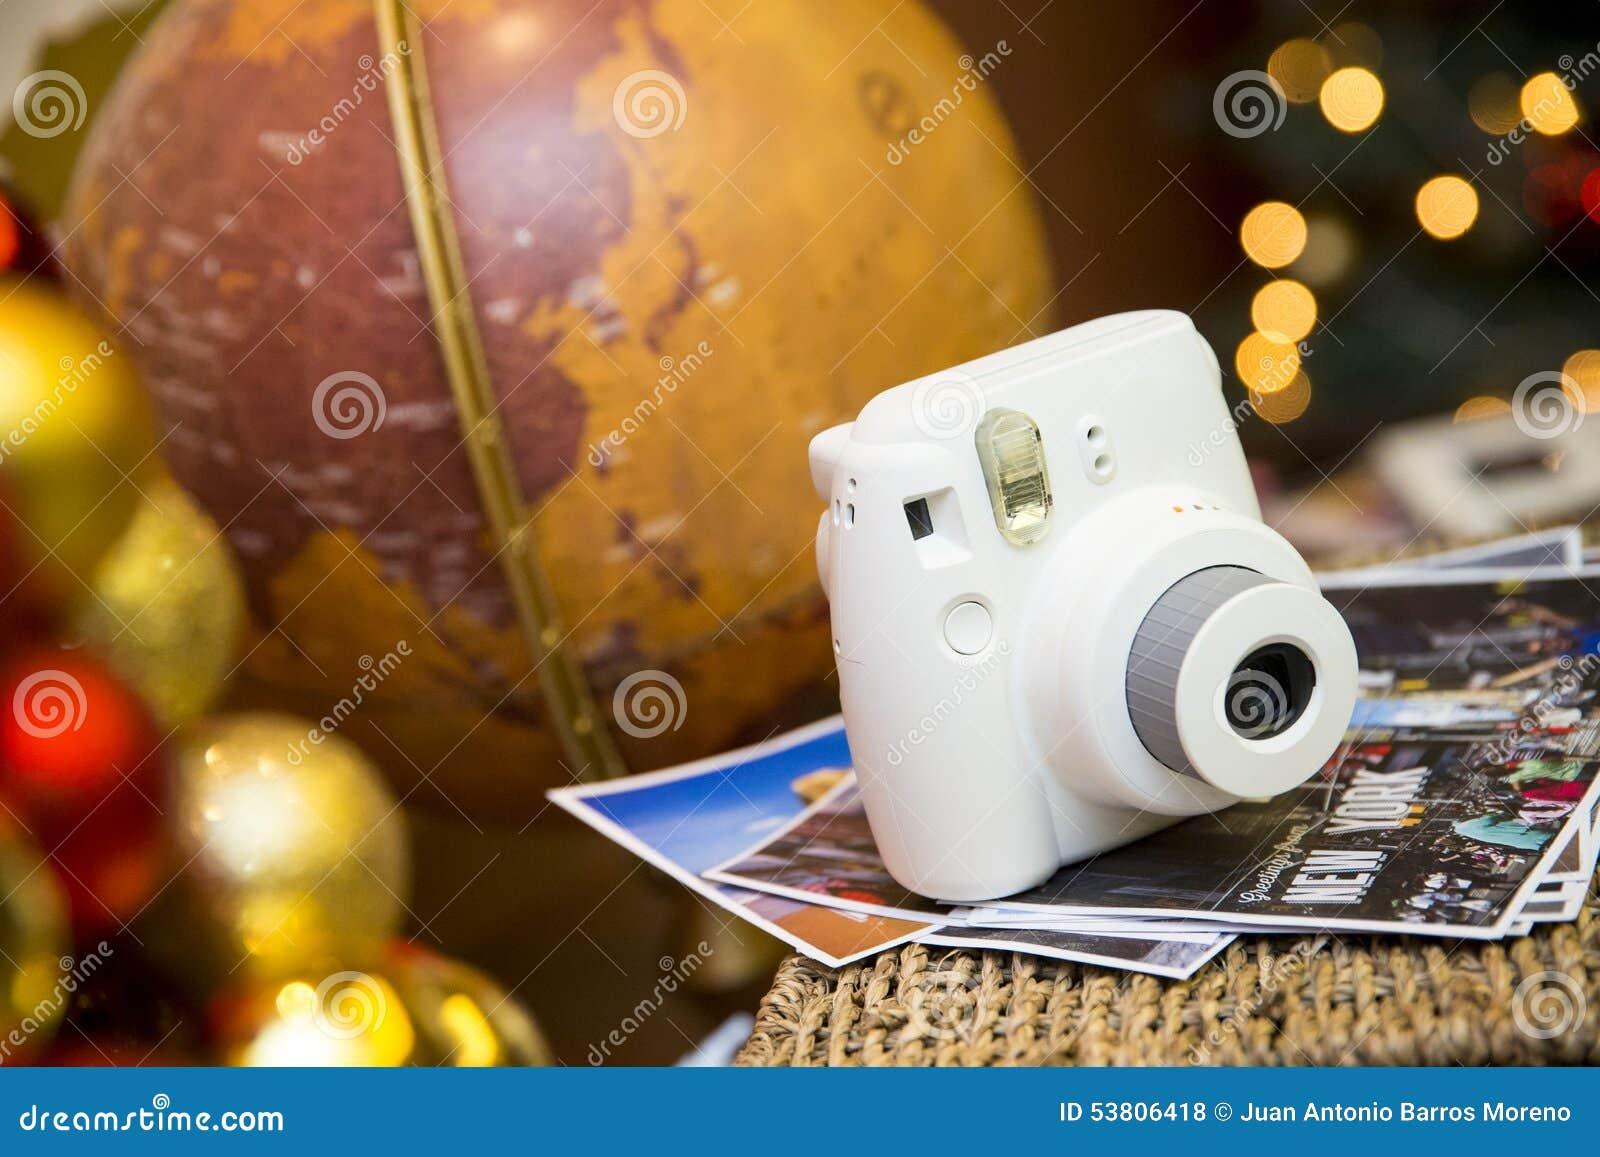 Wijnoogst 35mm camera slr stock foto afbeelding 53806418 - Wijnoogst ...